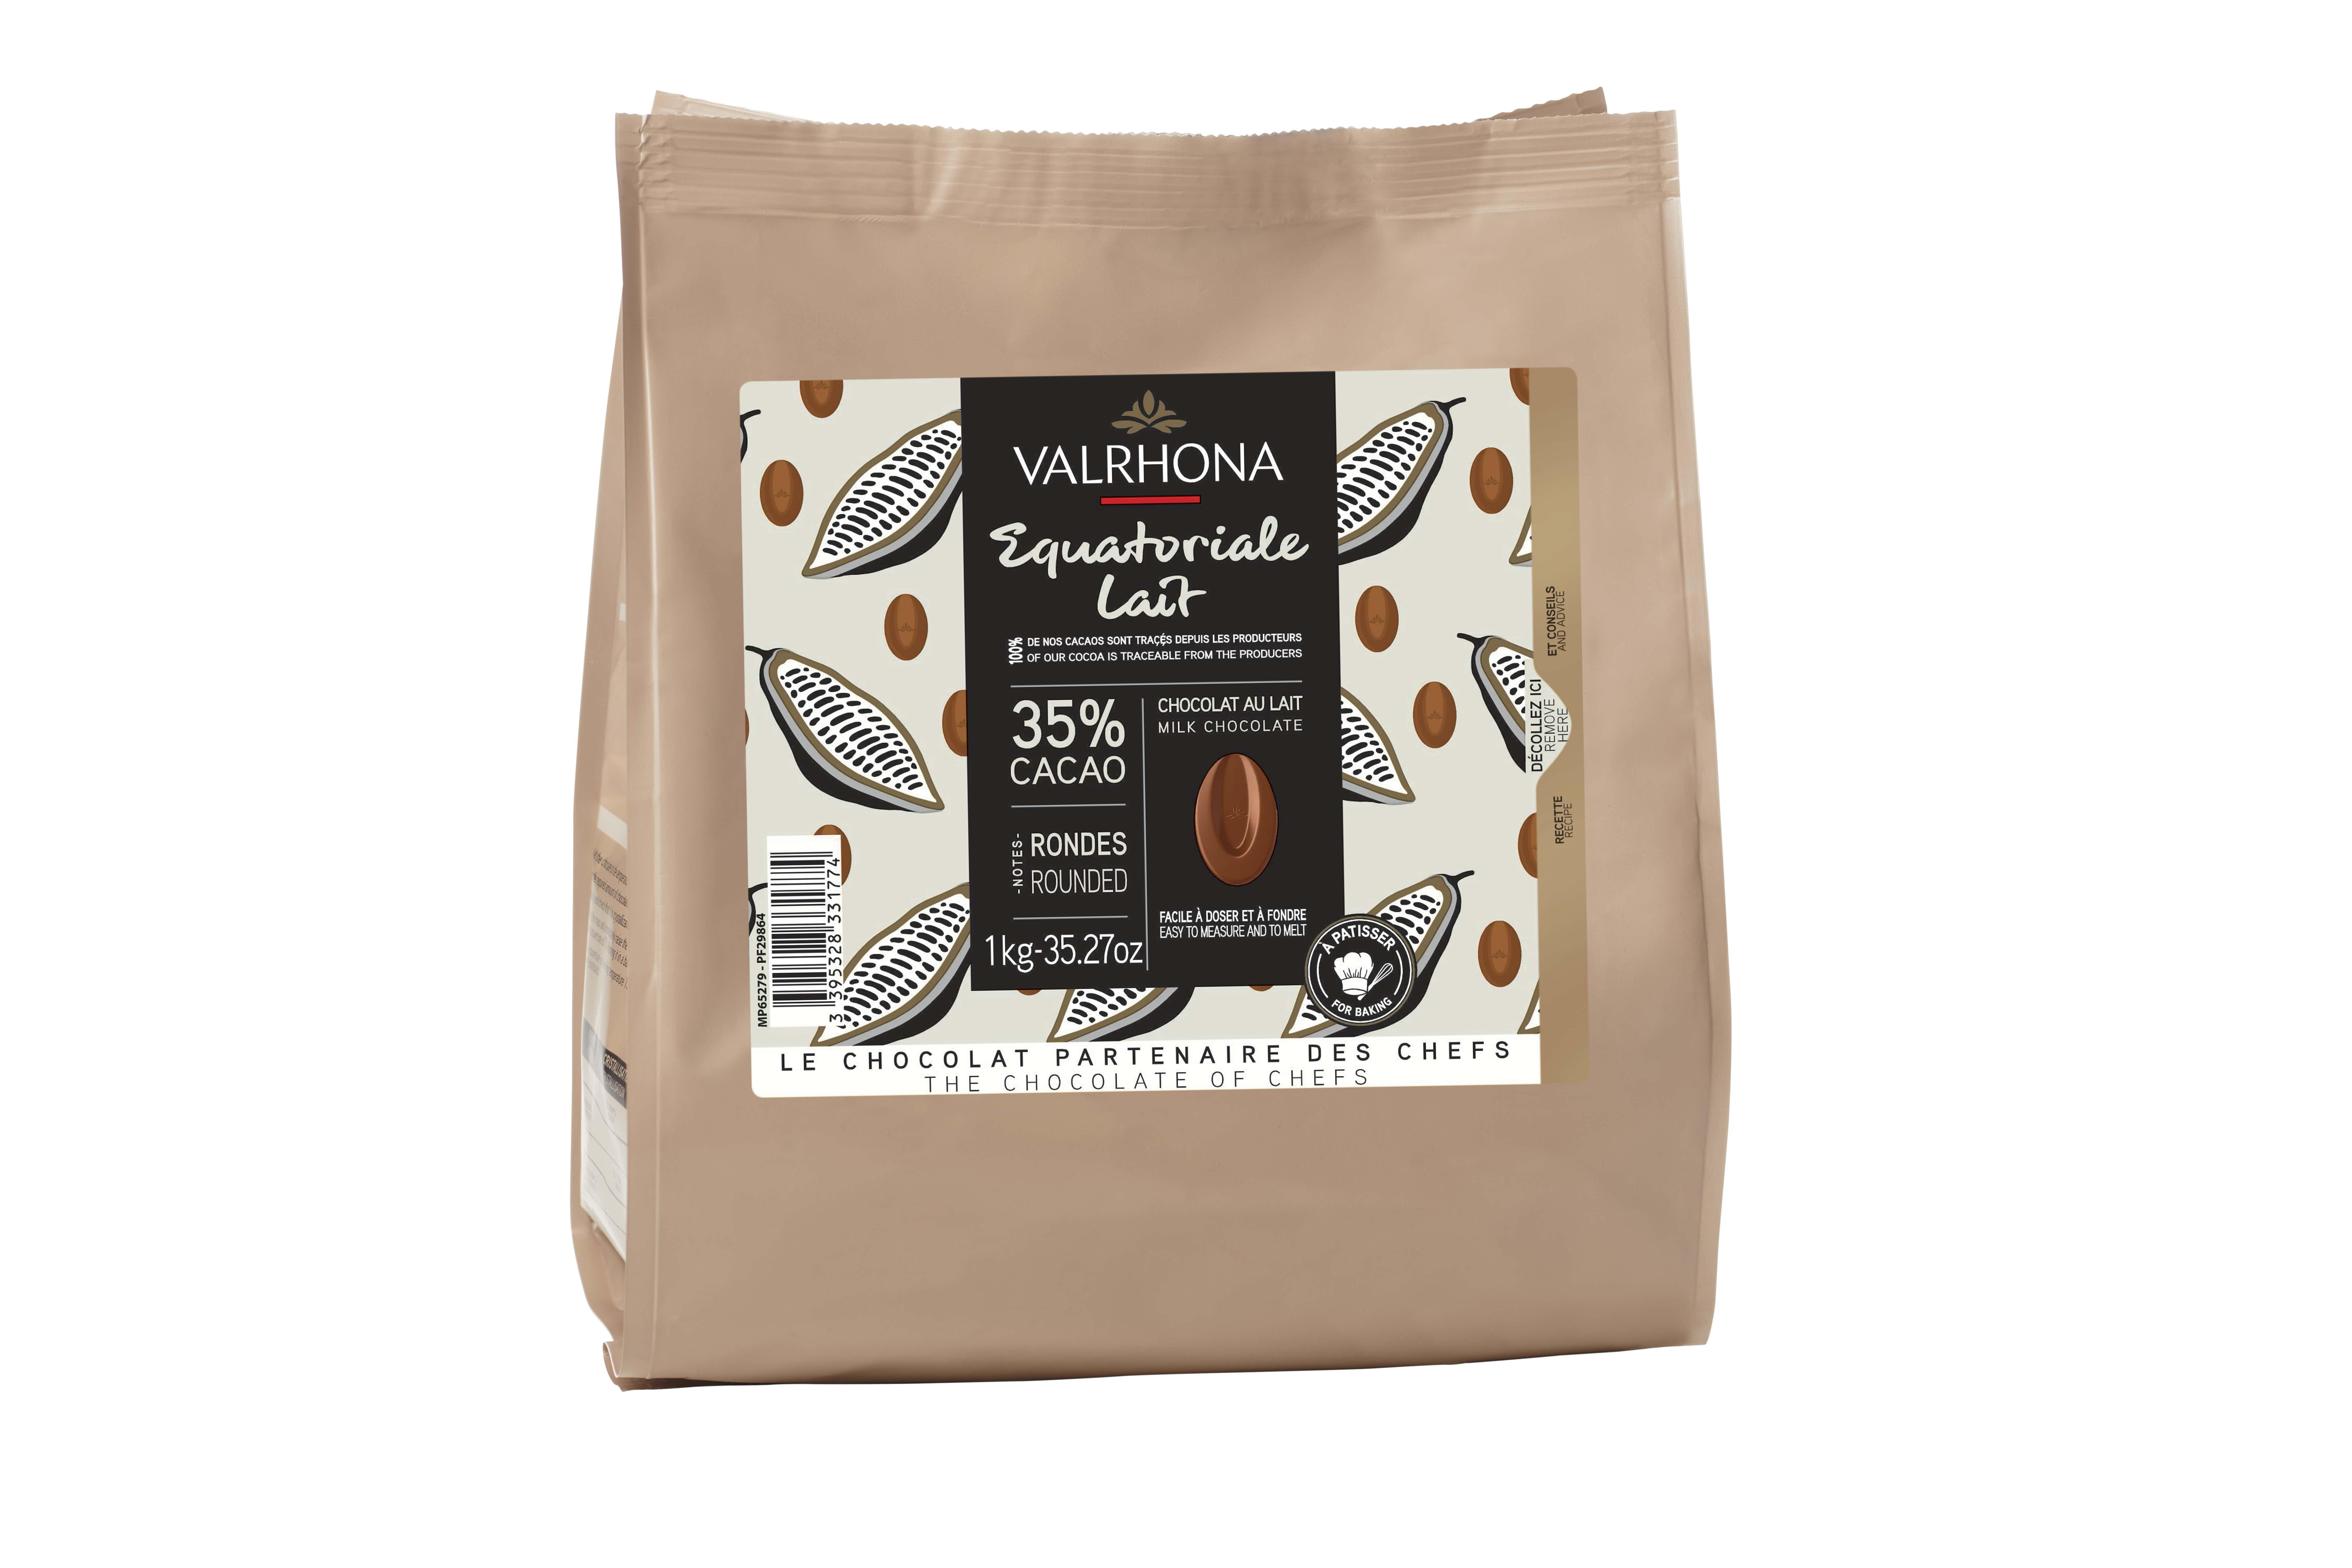 Sac fève Equatoriale lait 35%, Valrhona (1 Kg)